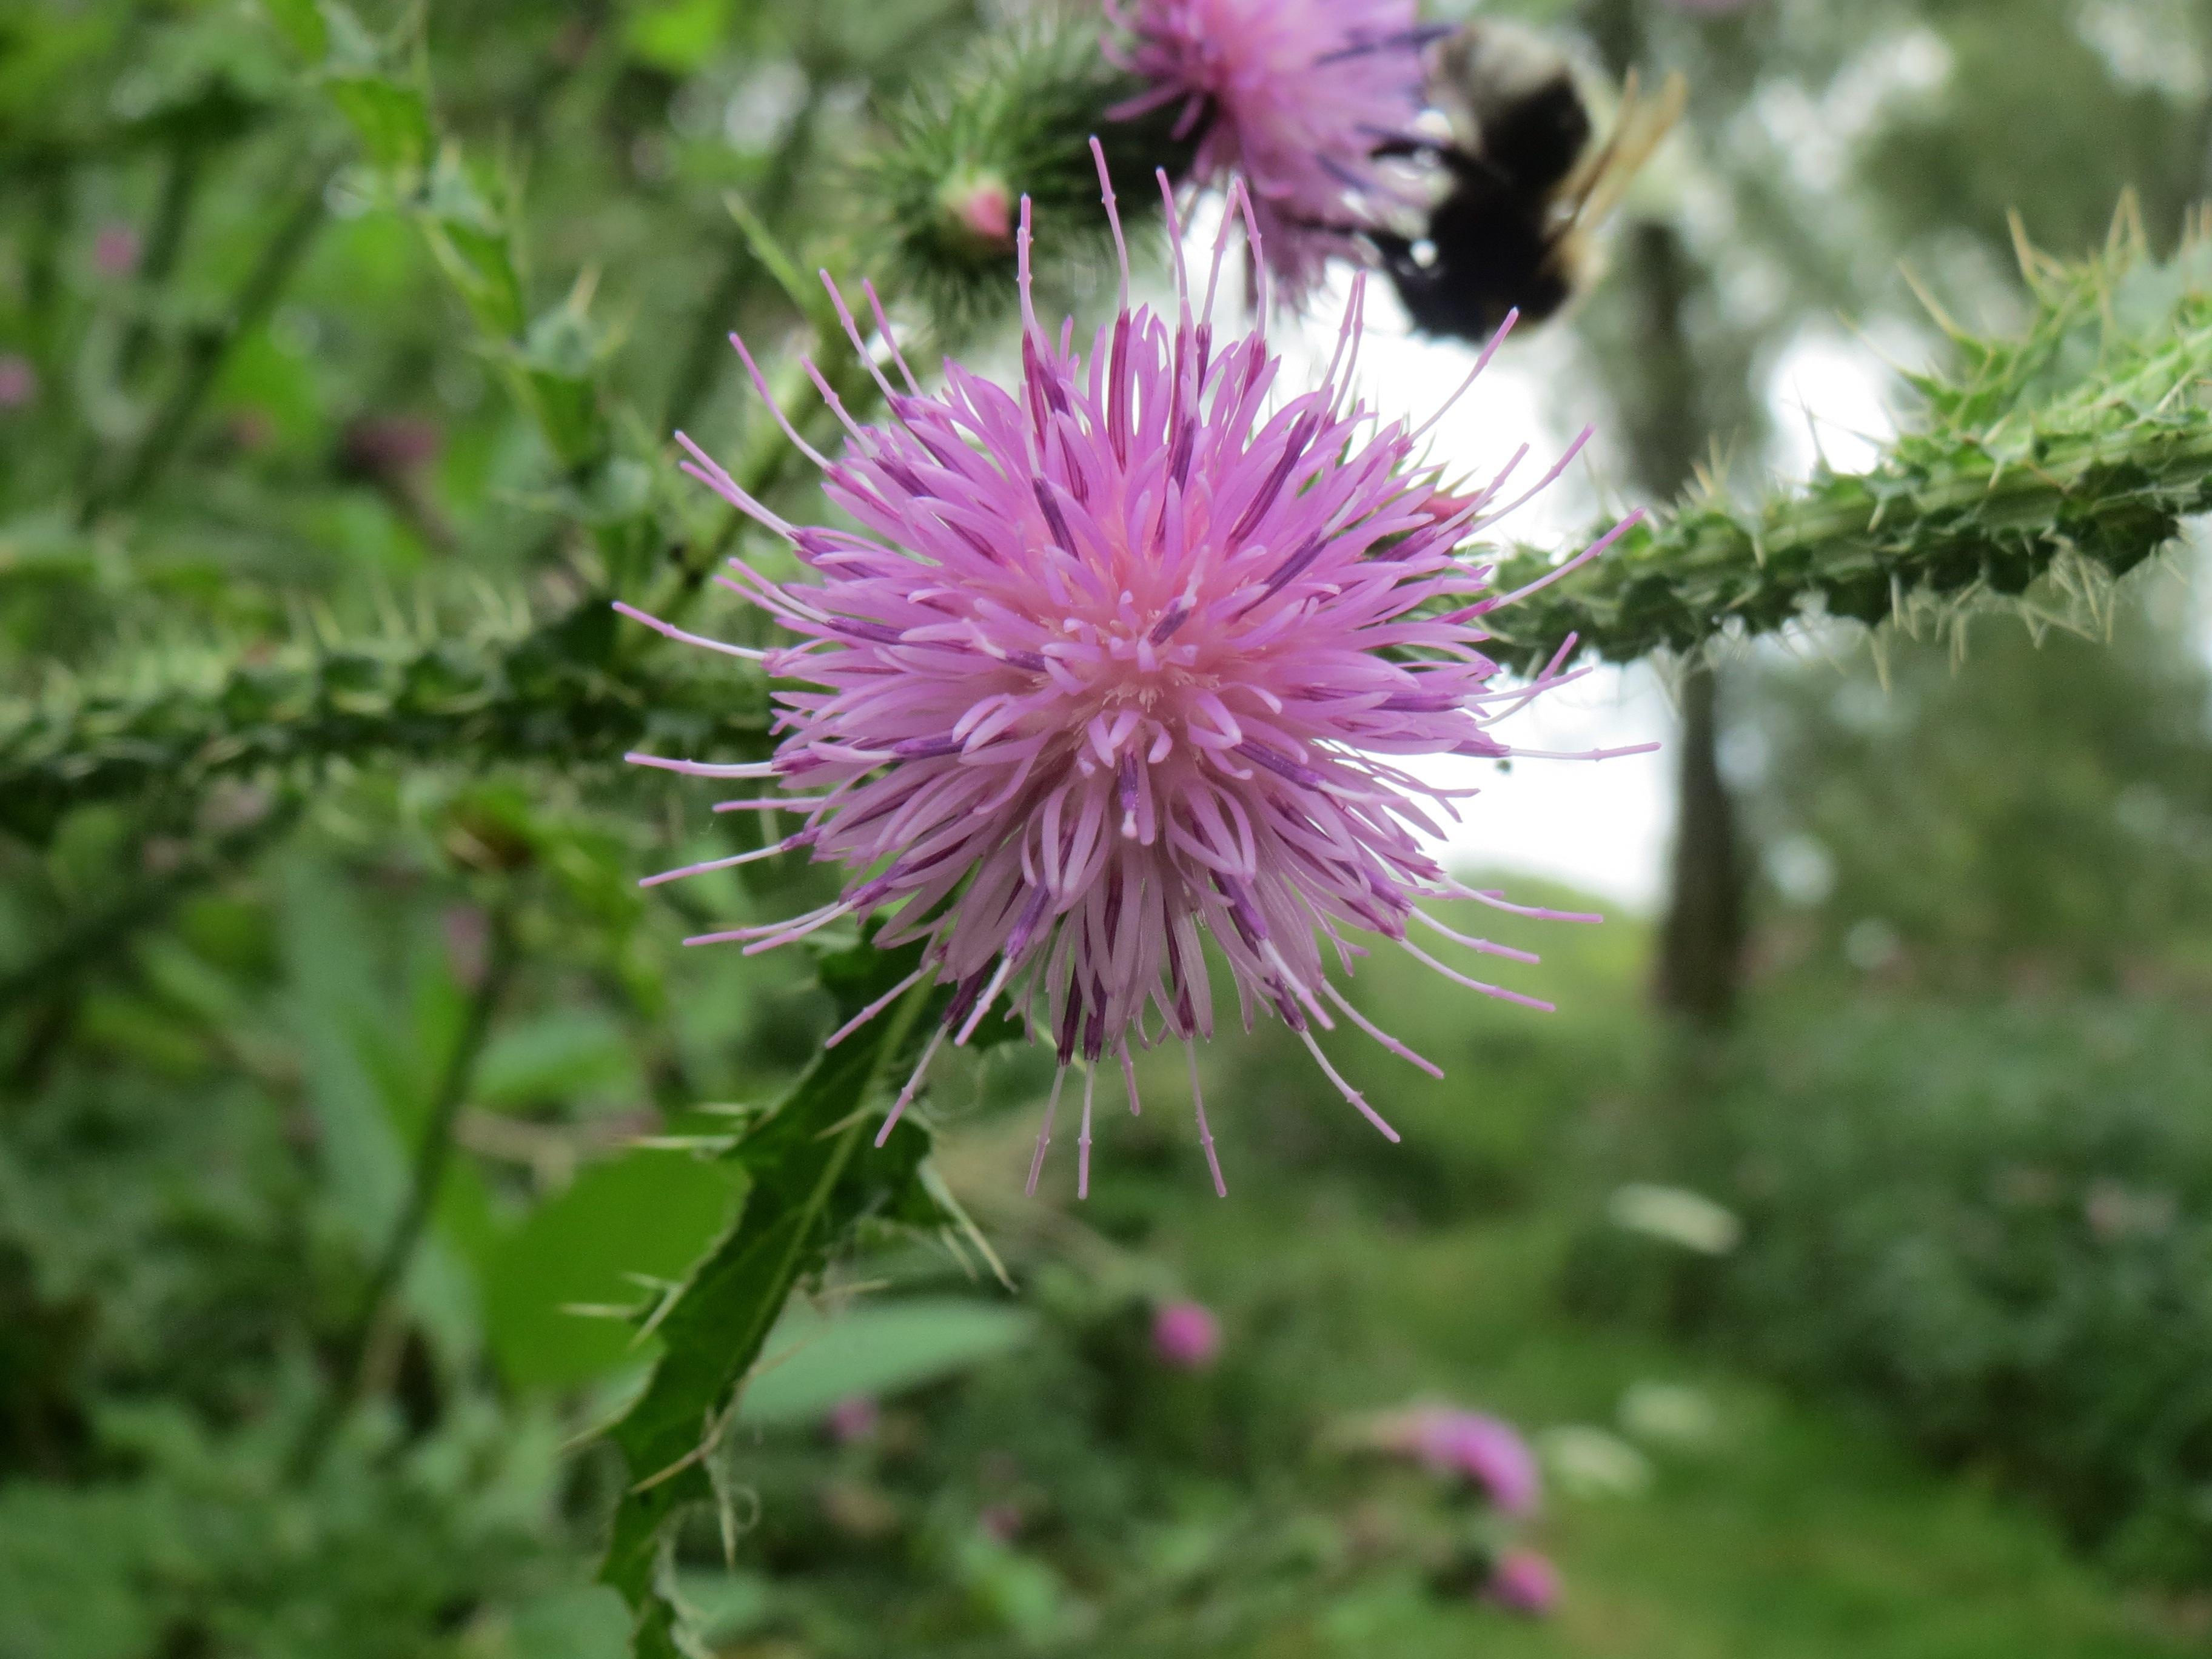 images gratuites la nature prairie violet floraison produire botanique flore fleur. Black Bedroom Furniture Sets. Home Design Ideas